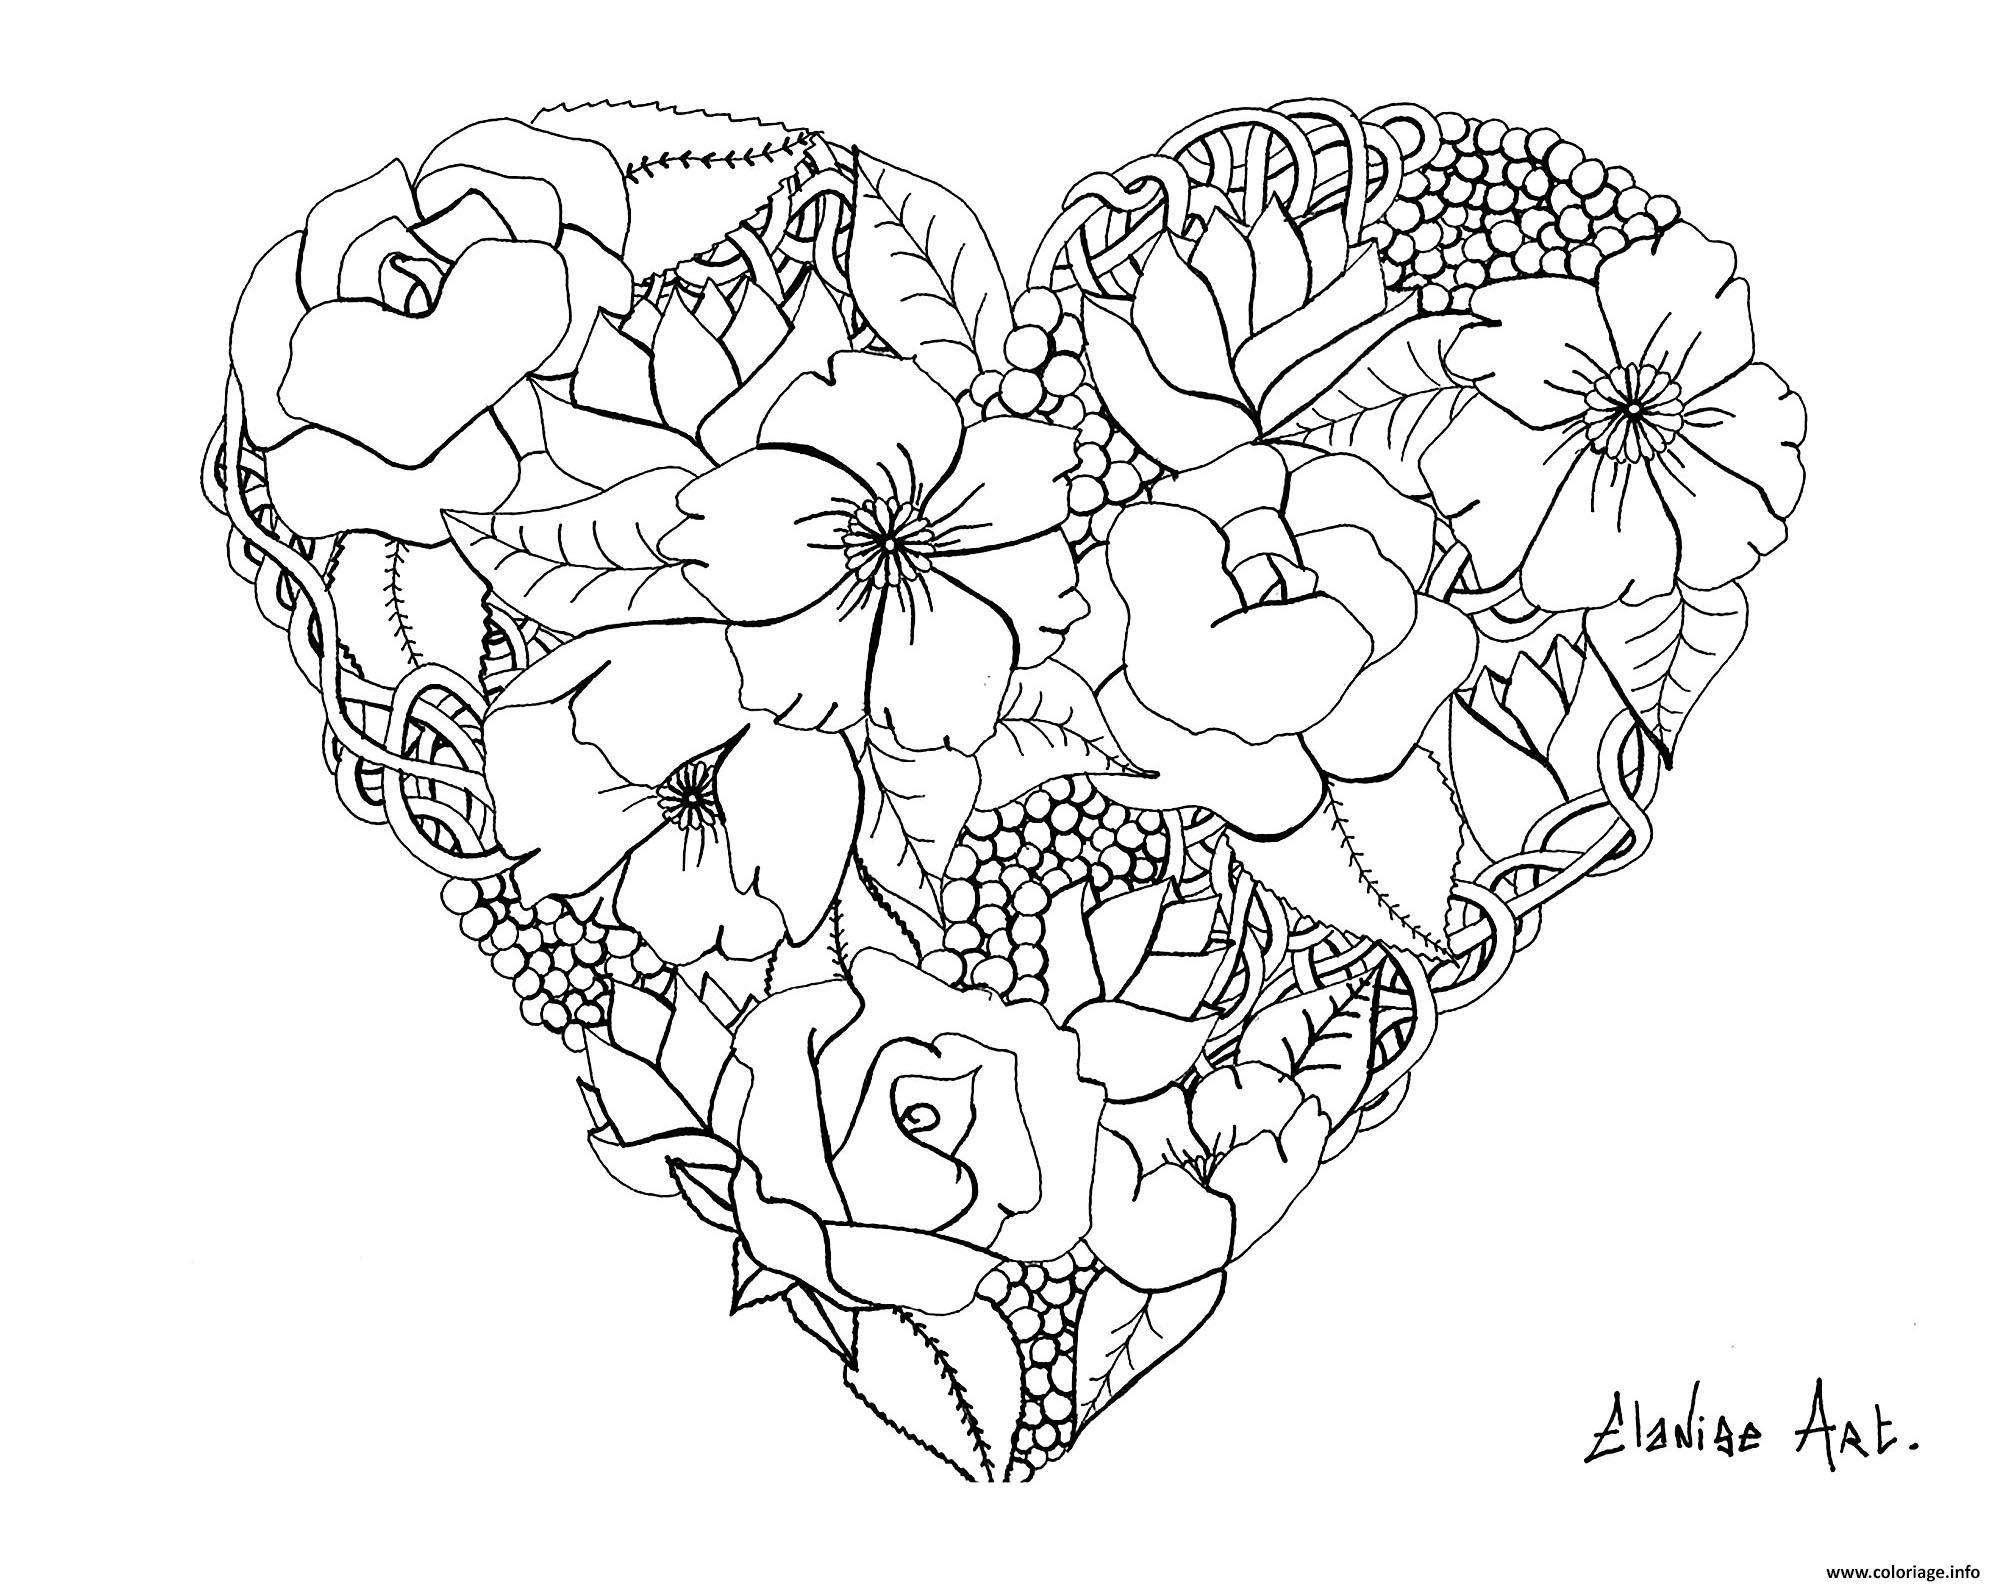 Dessin mandala elanise art flowers in a heart Coloriage Gratuit à Imprimer